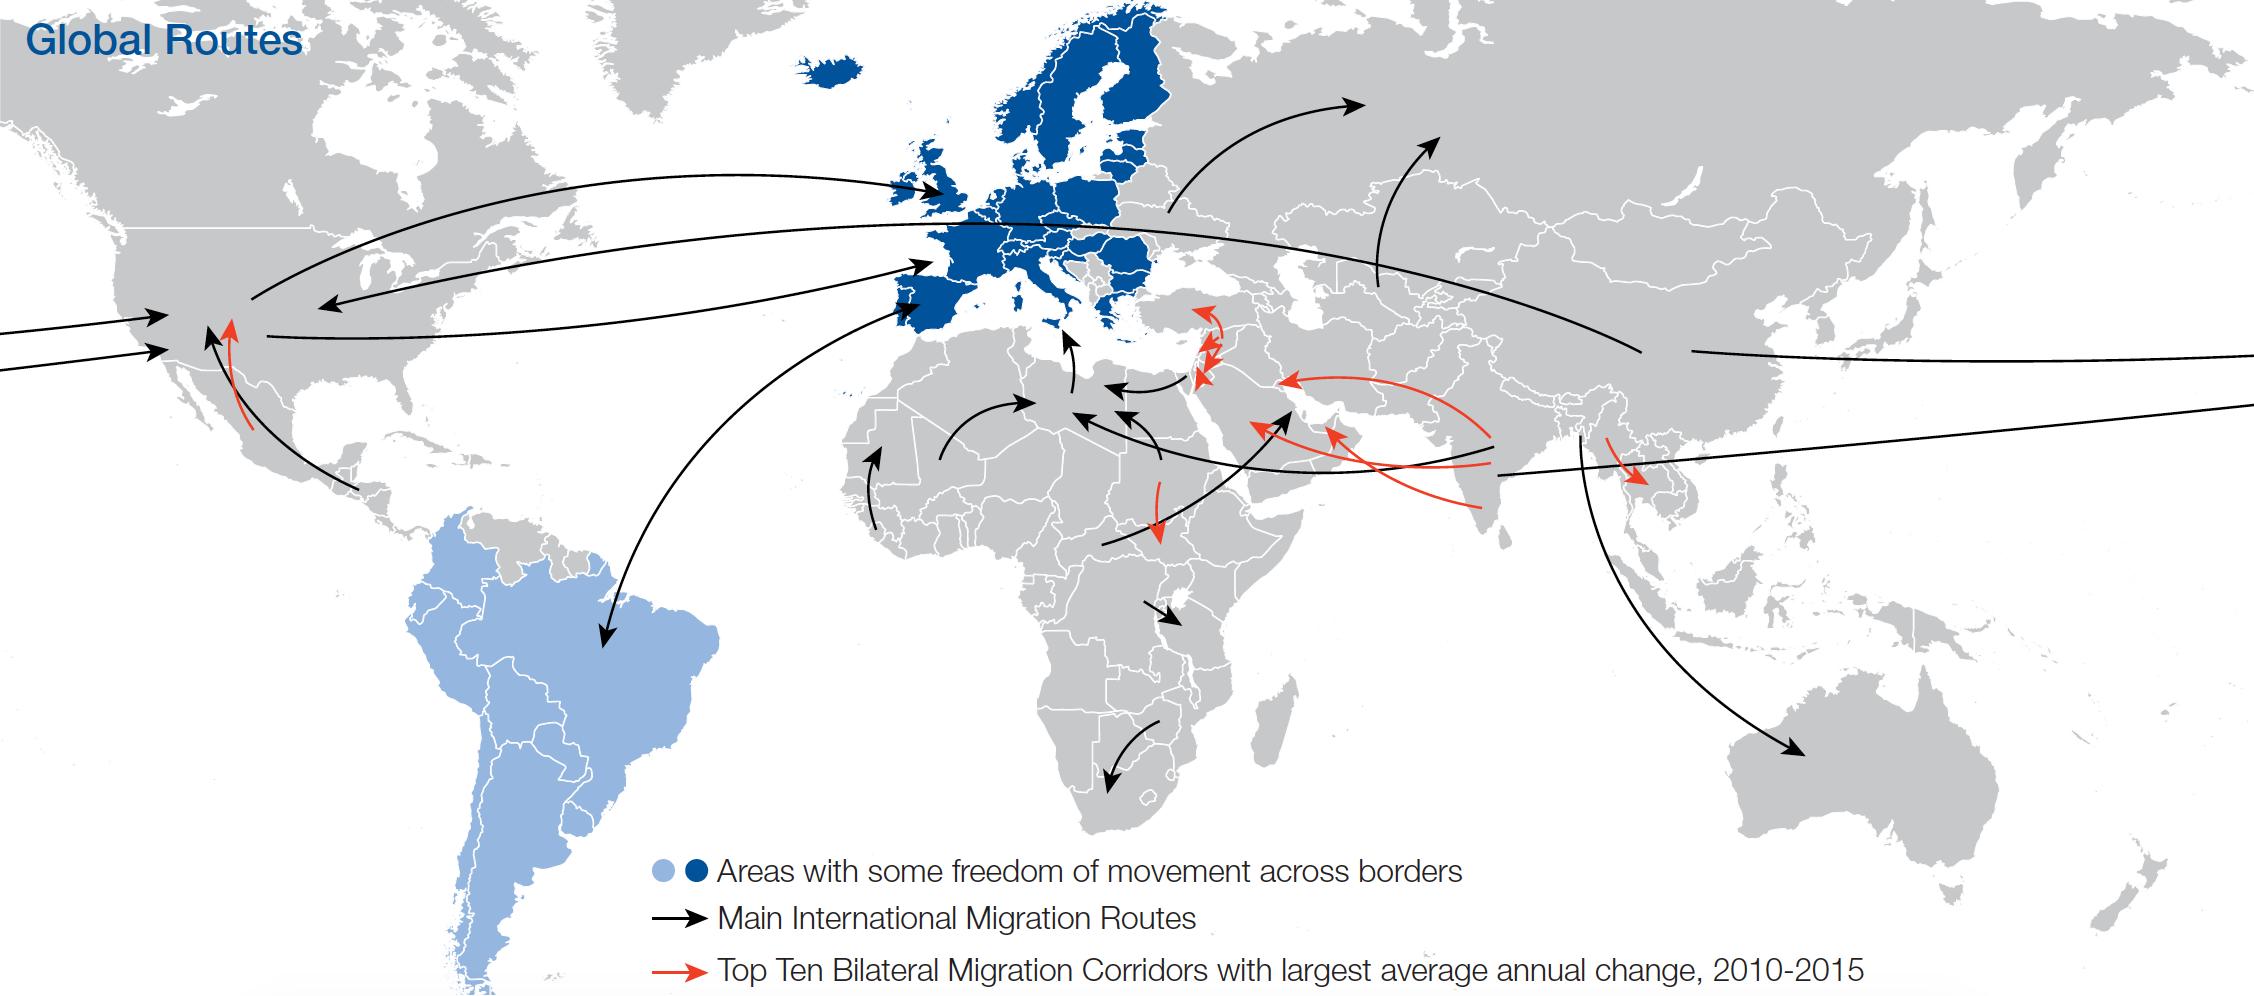 Les «routes migratoires» mondiales. (Sources Adams, 2015; Conant, Chwastyk & Williams, 2015; comme publiées dans le rapport «Migration and Its Impact on Cities» du Forum économique mondial)  (cliquez pour agrandir)